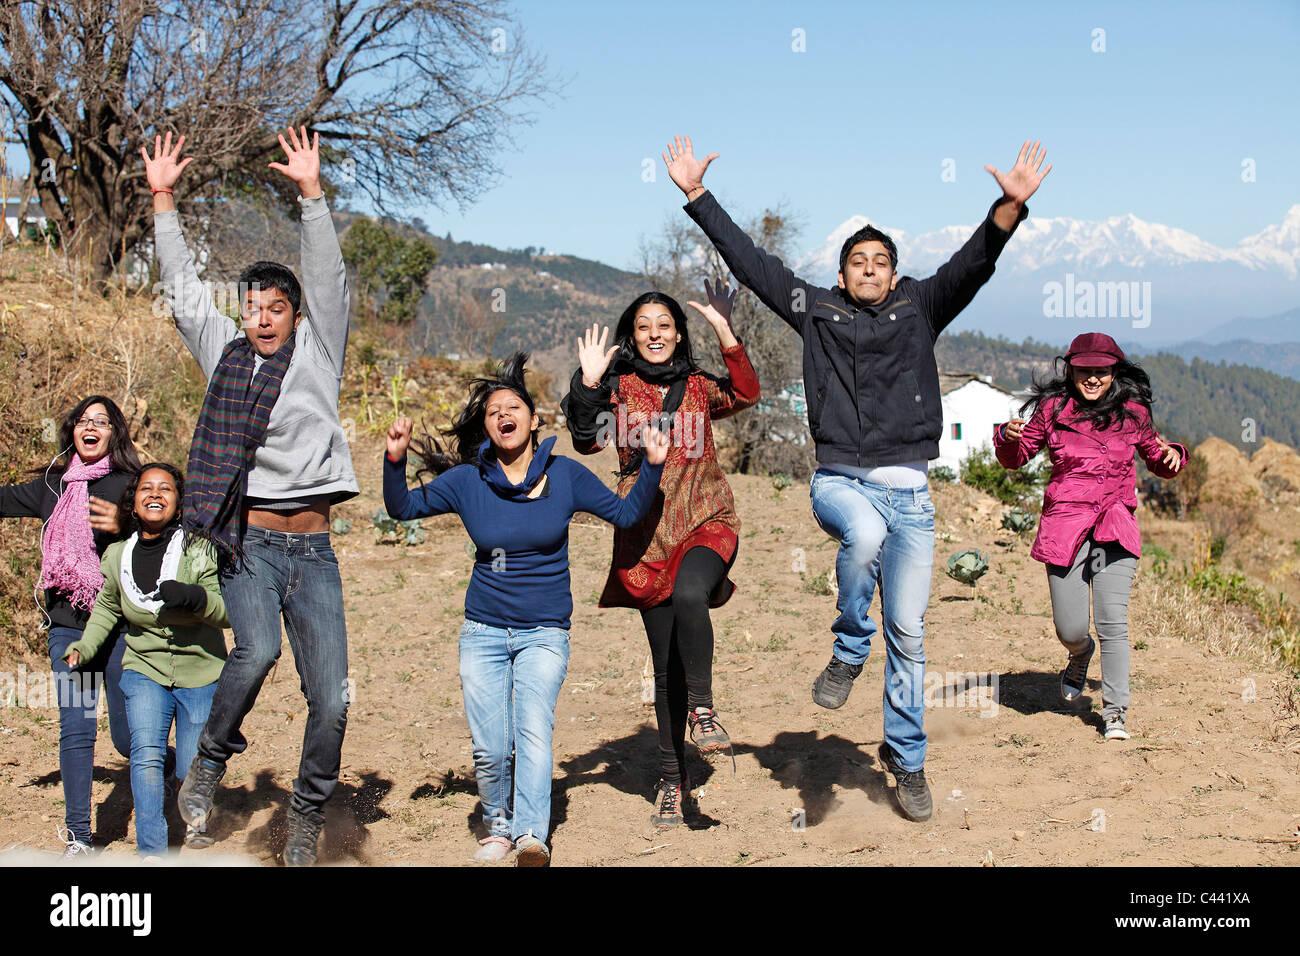 Jung, Jugend, Jugendliche Studenten, Campus, Hochschule, Universität, schöne, lebhafte Stockbild